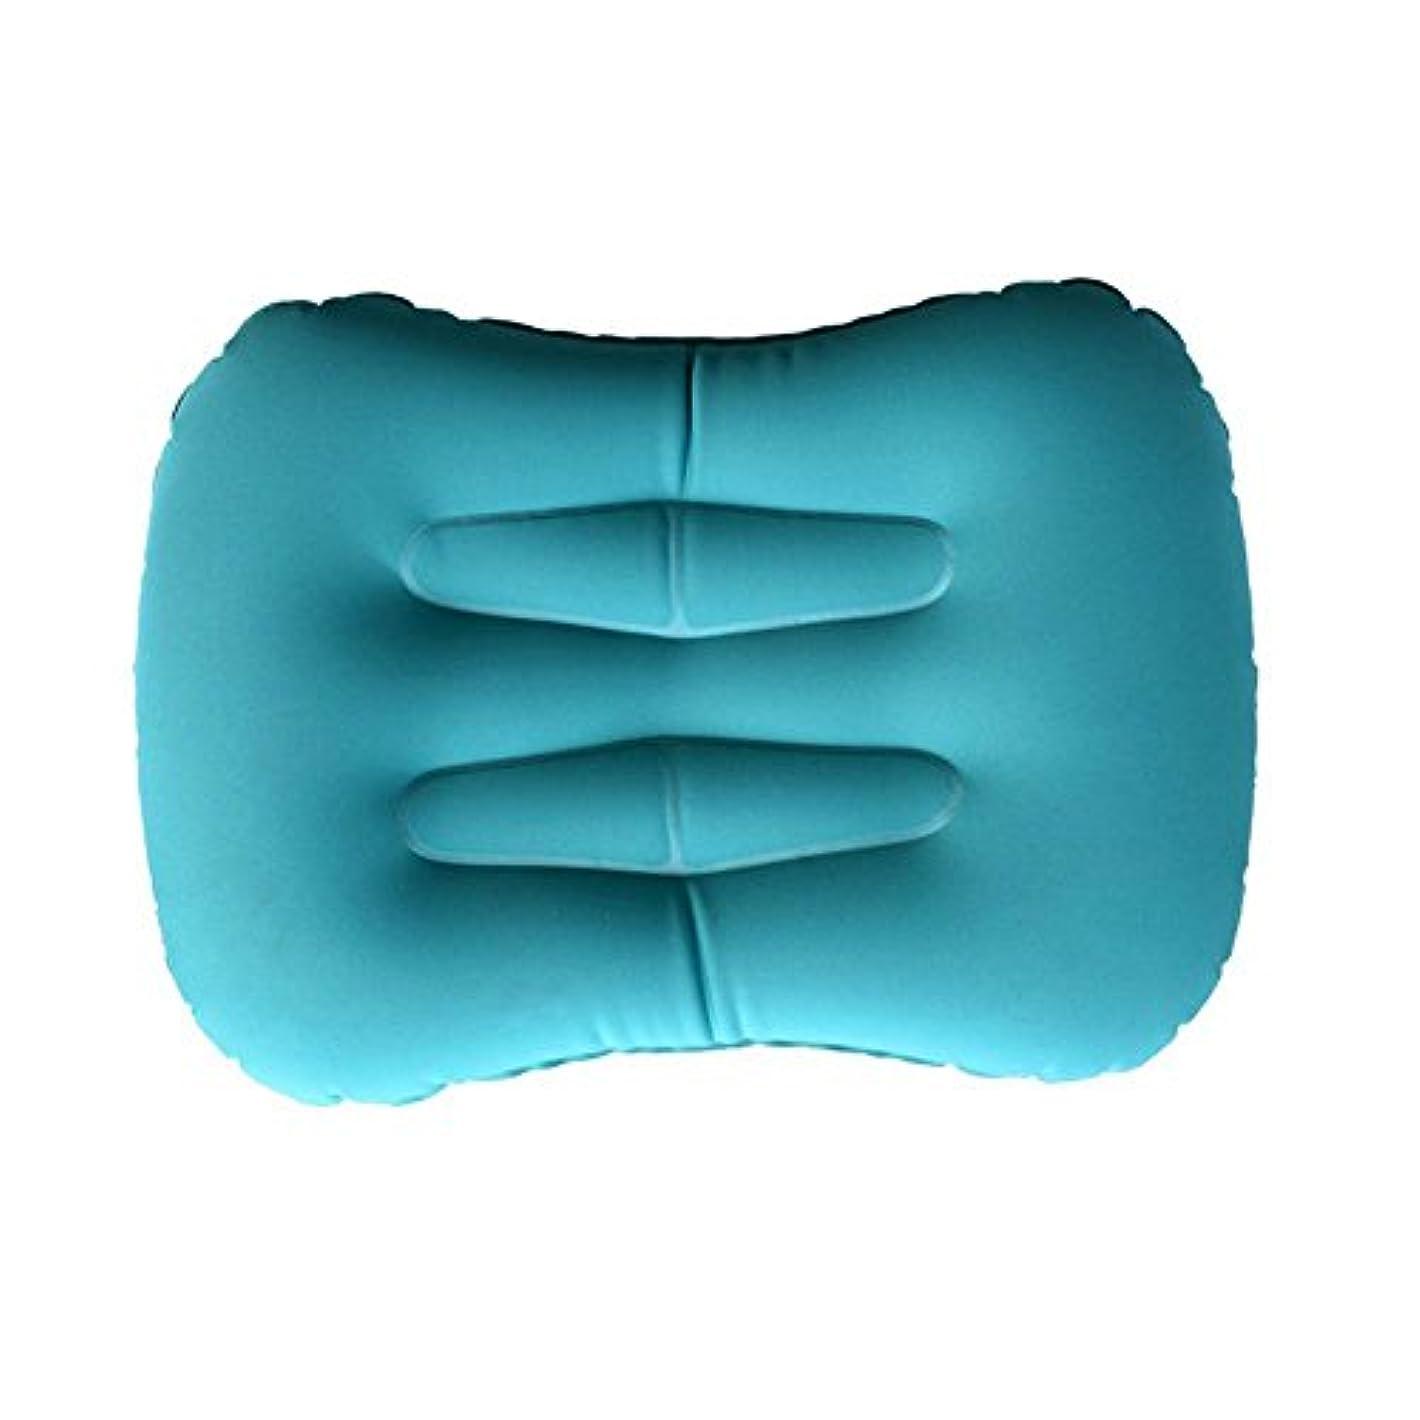 甘くする無しまたはNrpfell 超軽量インフレータブル旅行/キャンプ用枕 - 圧縮性、コンパクト、インフレータブル、快適、人間工学的な枕、首?腰部のサポートと快適な夜の睡眠キャンプ用(青)